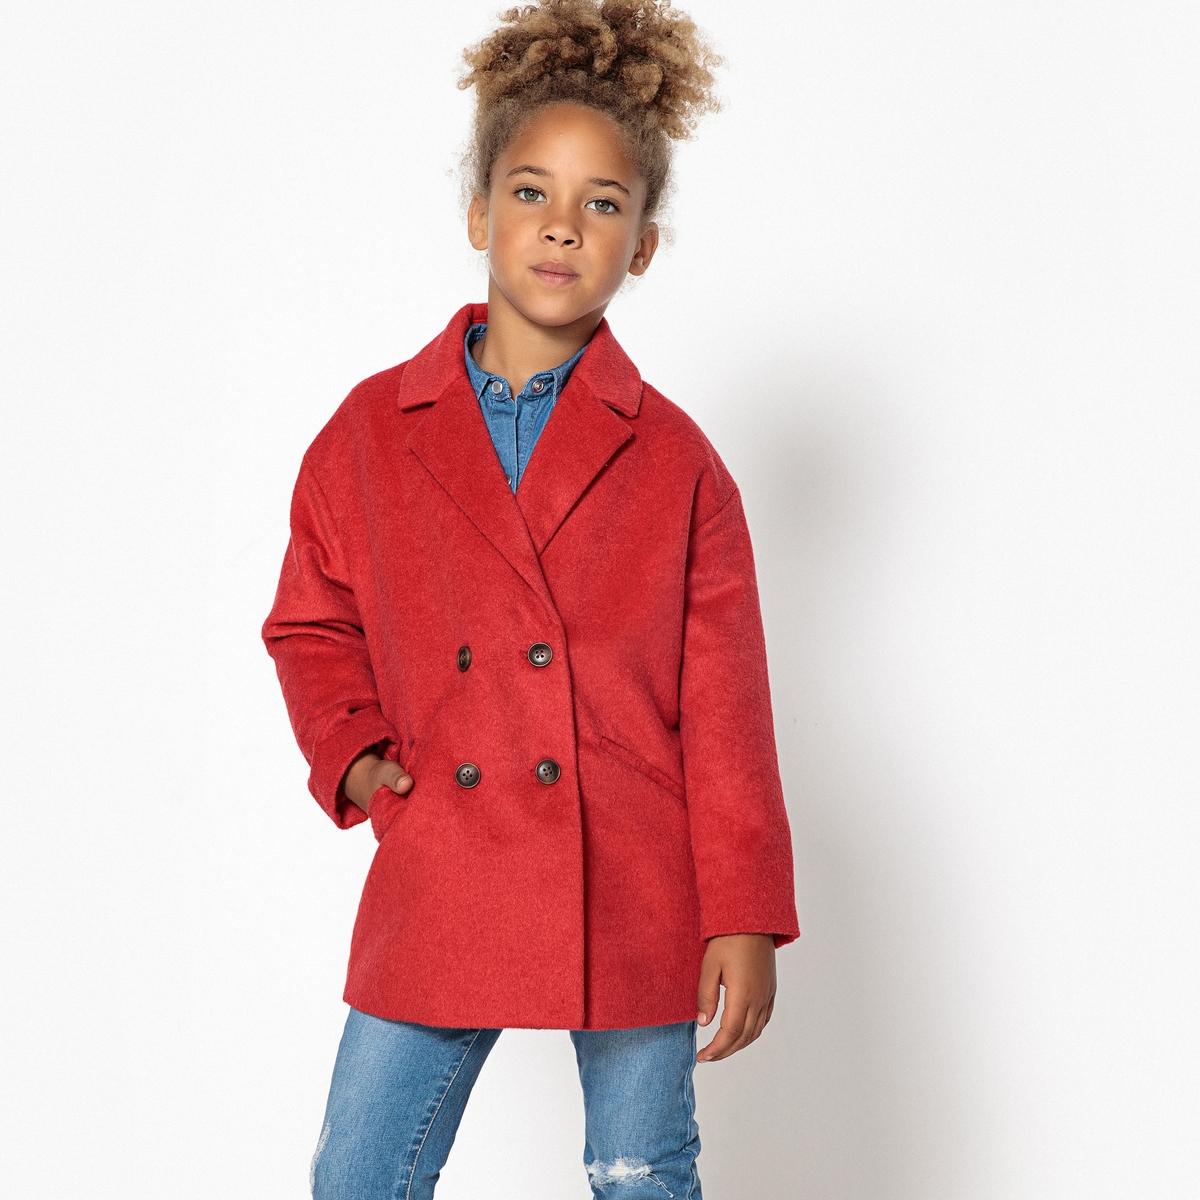 Пальто La Redoute Средней длины с пиджачным воротником 12 лет -150 см красный шорты la redoute плавательные с принтом джунгли мес года 18 мес 81 см синий